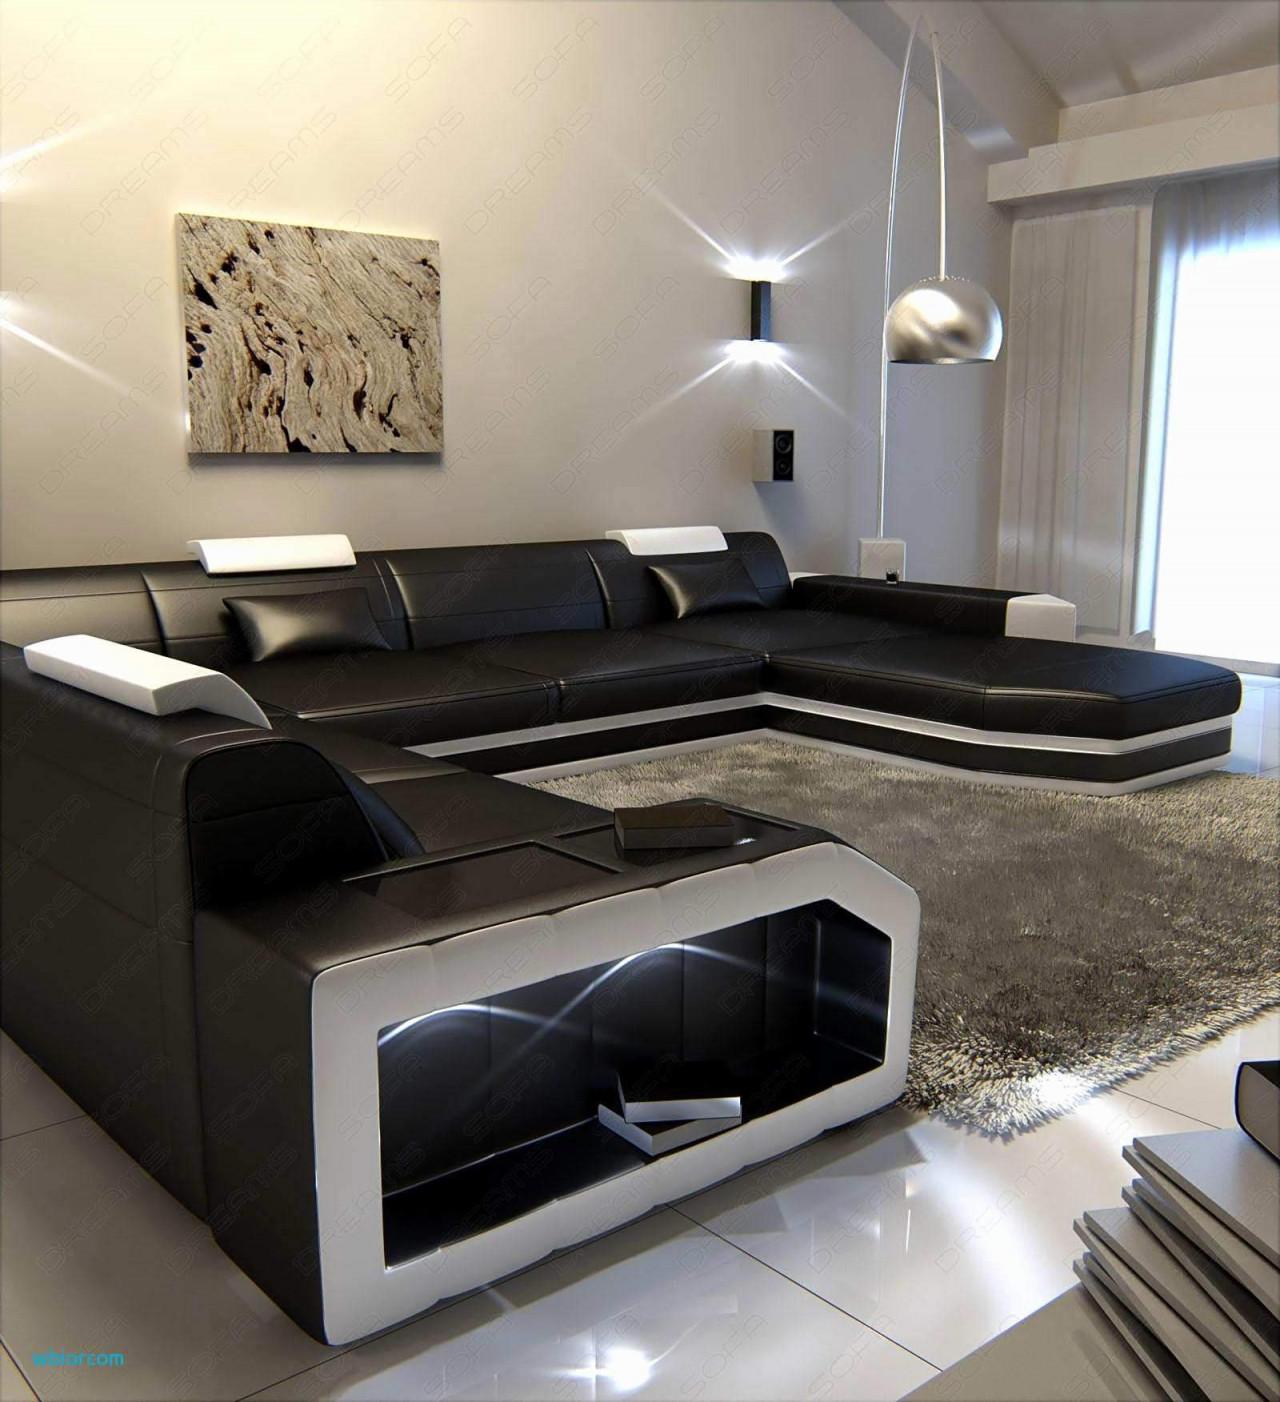 Bilder Wohnzimmer Groß Inspirierend Wandpaneele Holz Weiß von Wohnzimmer Bilder Groß Bild